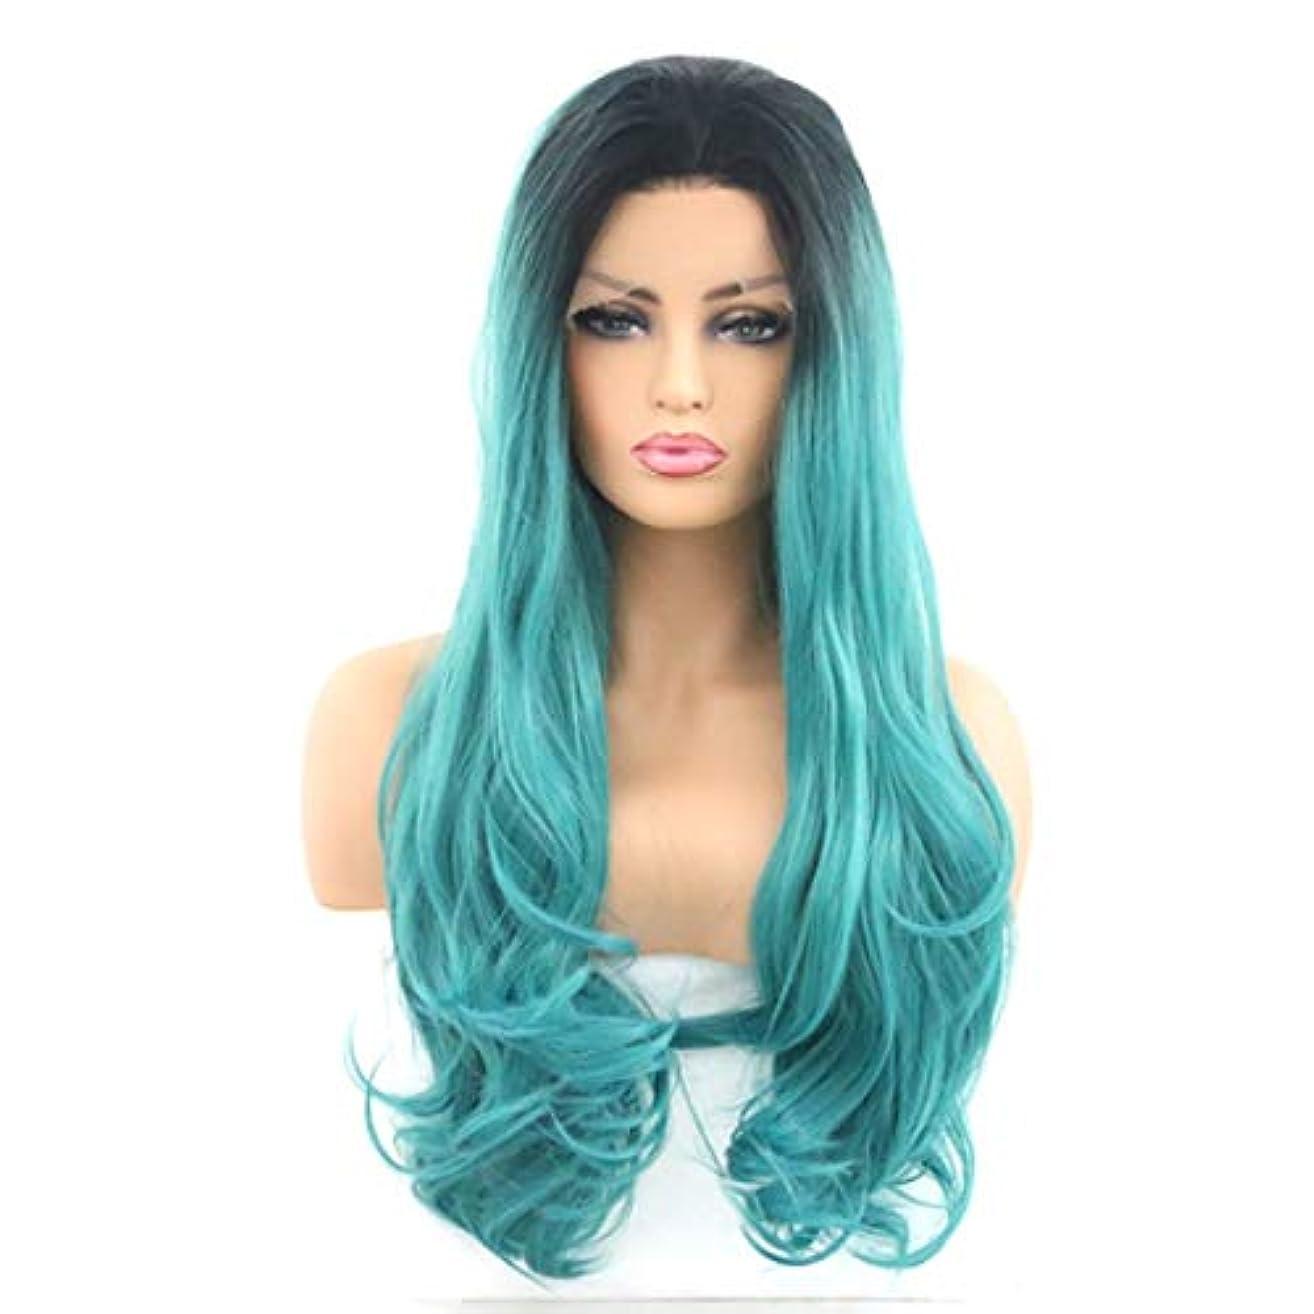 硬化する無謀影のあるSummerys 女性のためのフロントレースかつら、長い巻き毛、大きな波、巻き毛、化学繊維かつら (Size : 16inch)